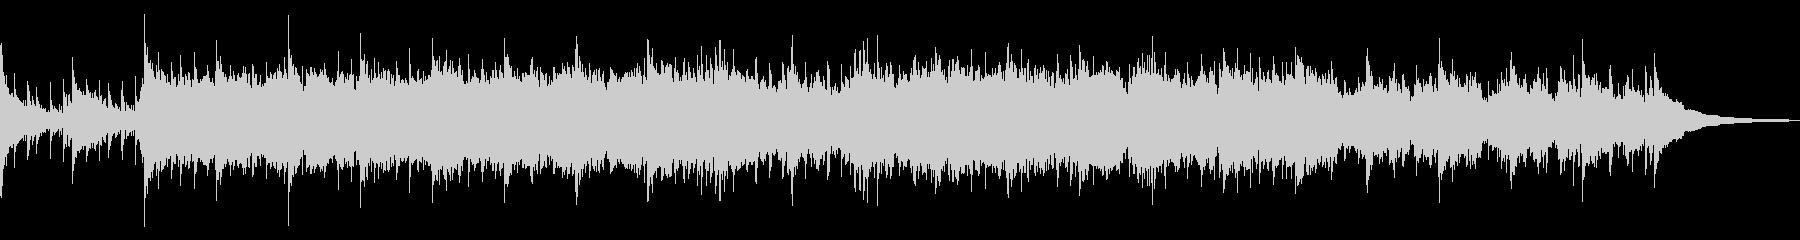 和風でおおらかなイメージのBGMの未再生の波形